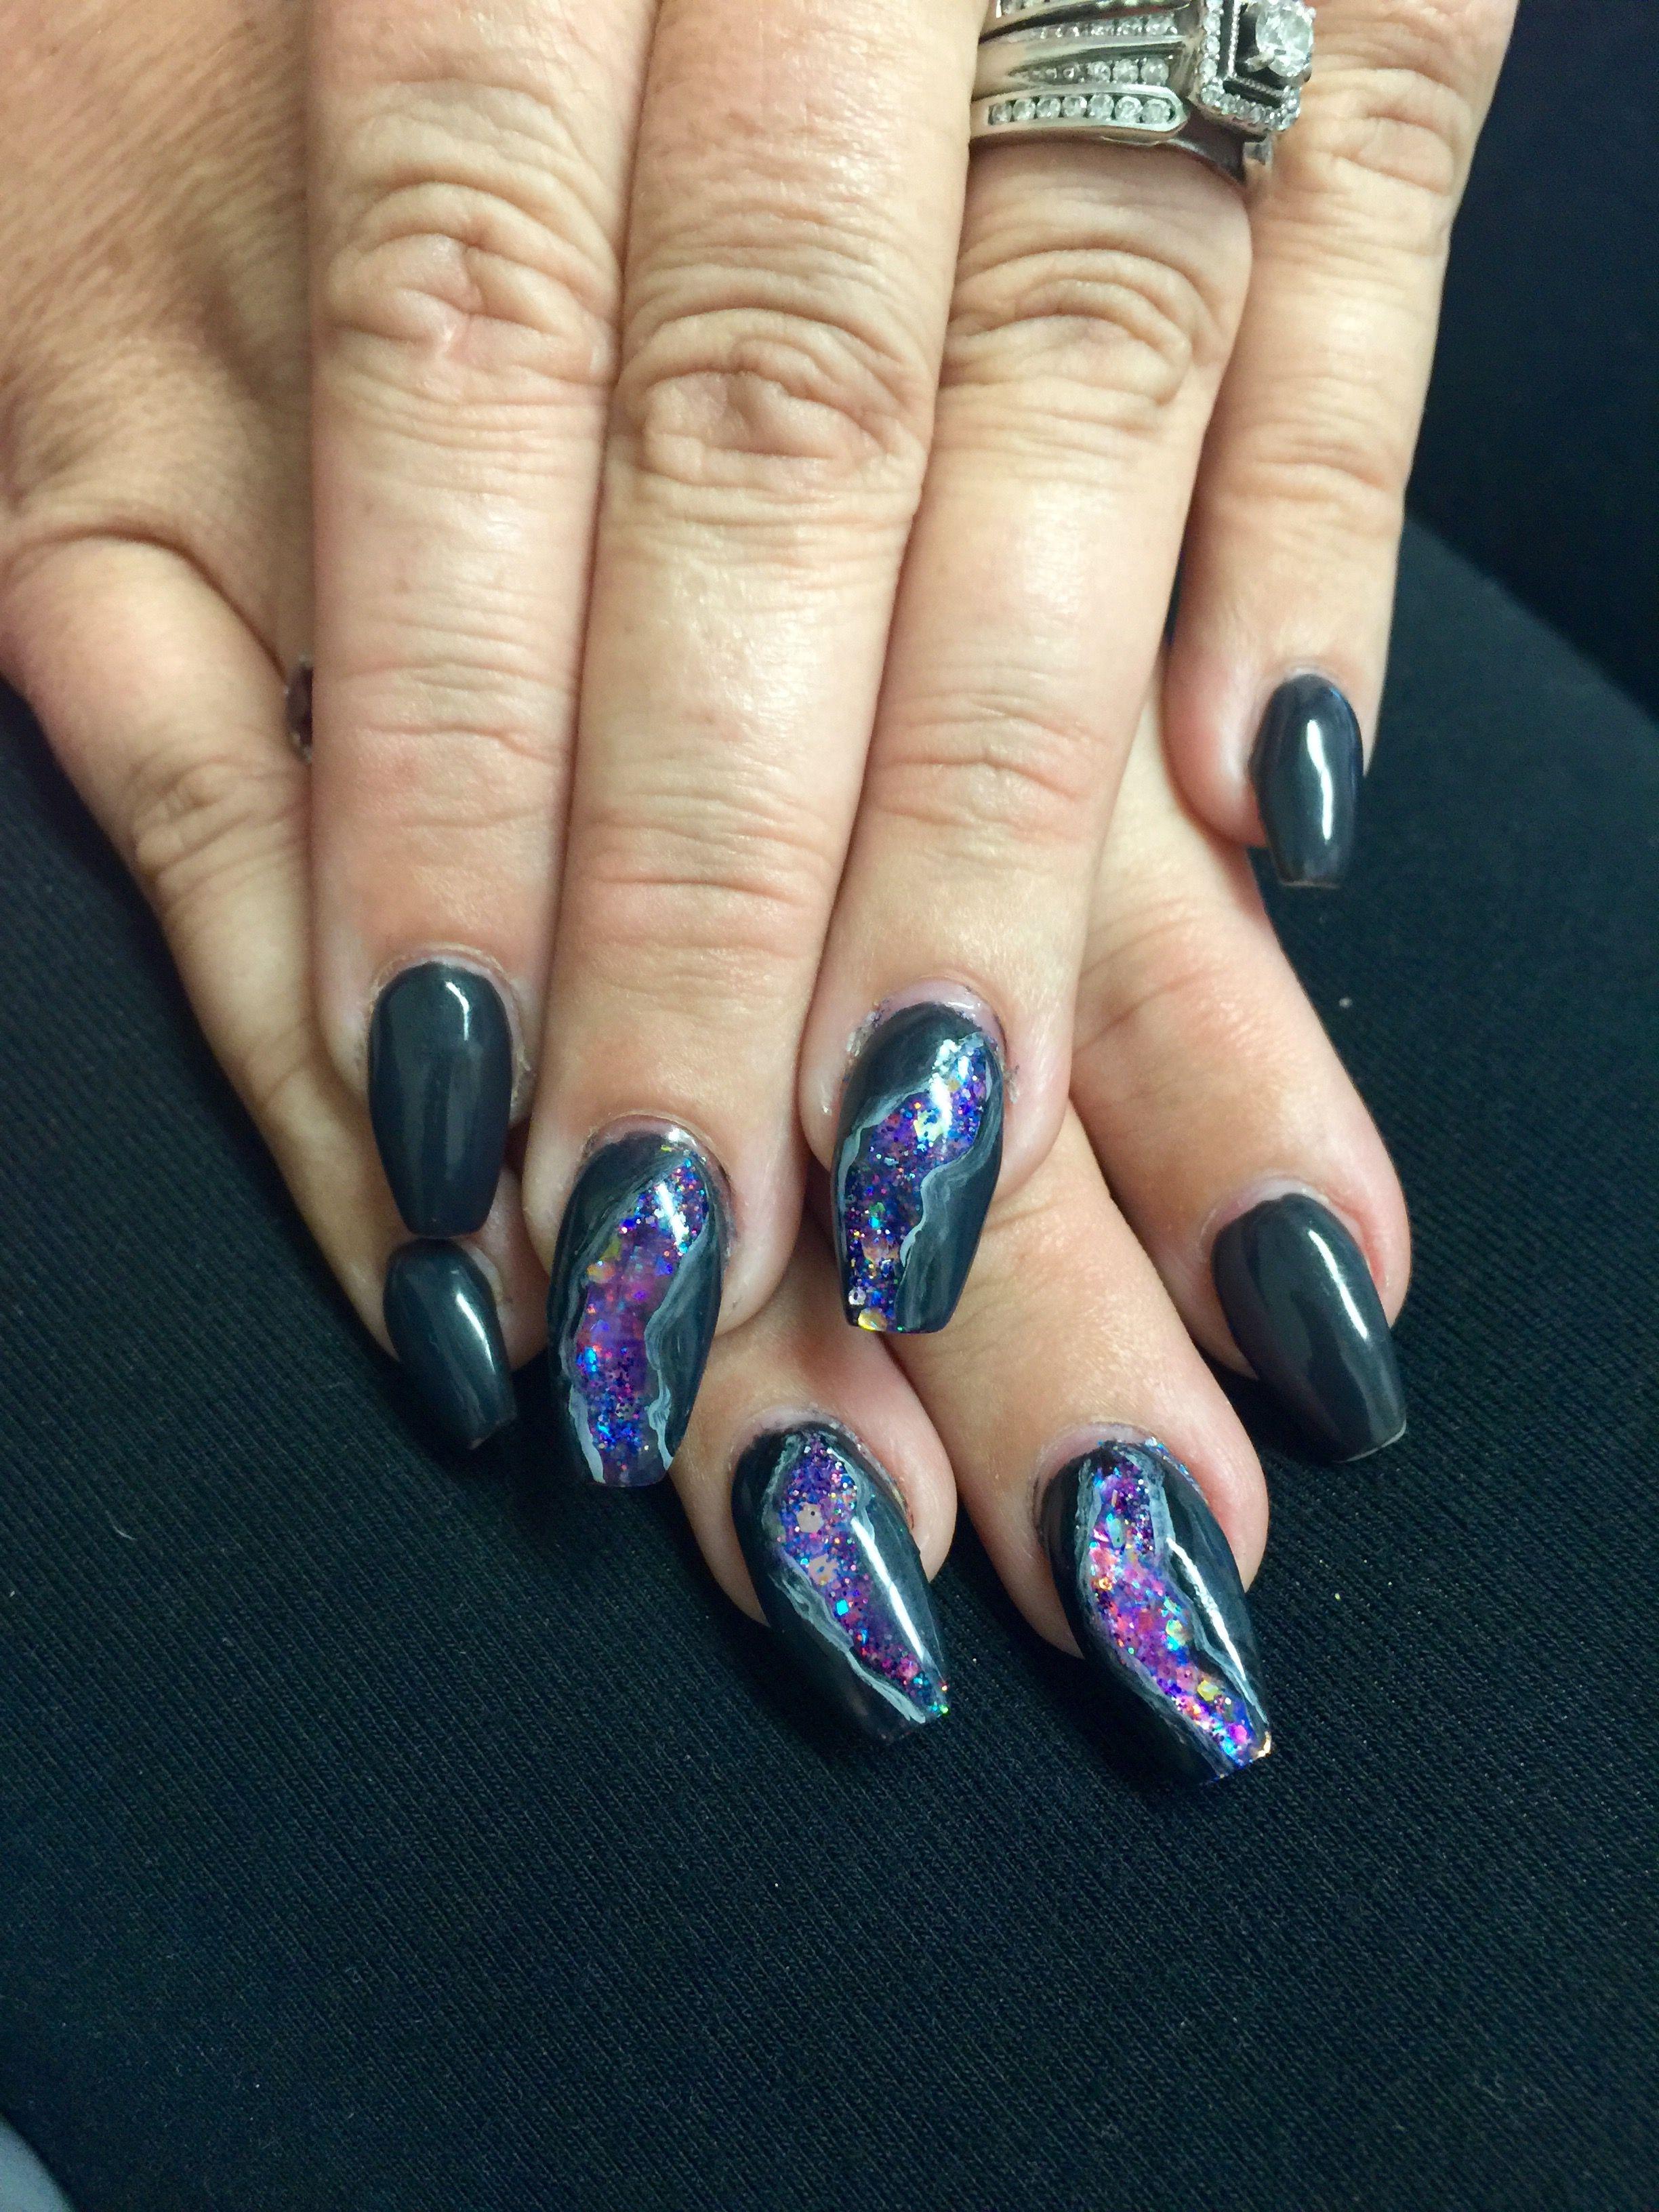 Geode nails   Nail Art Hacks   Pinterest   Nails inspiration, Nail ...